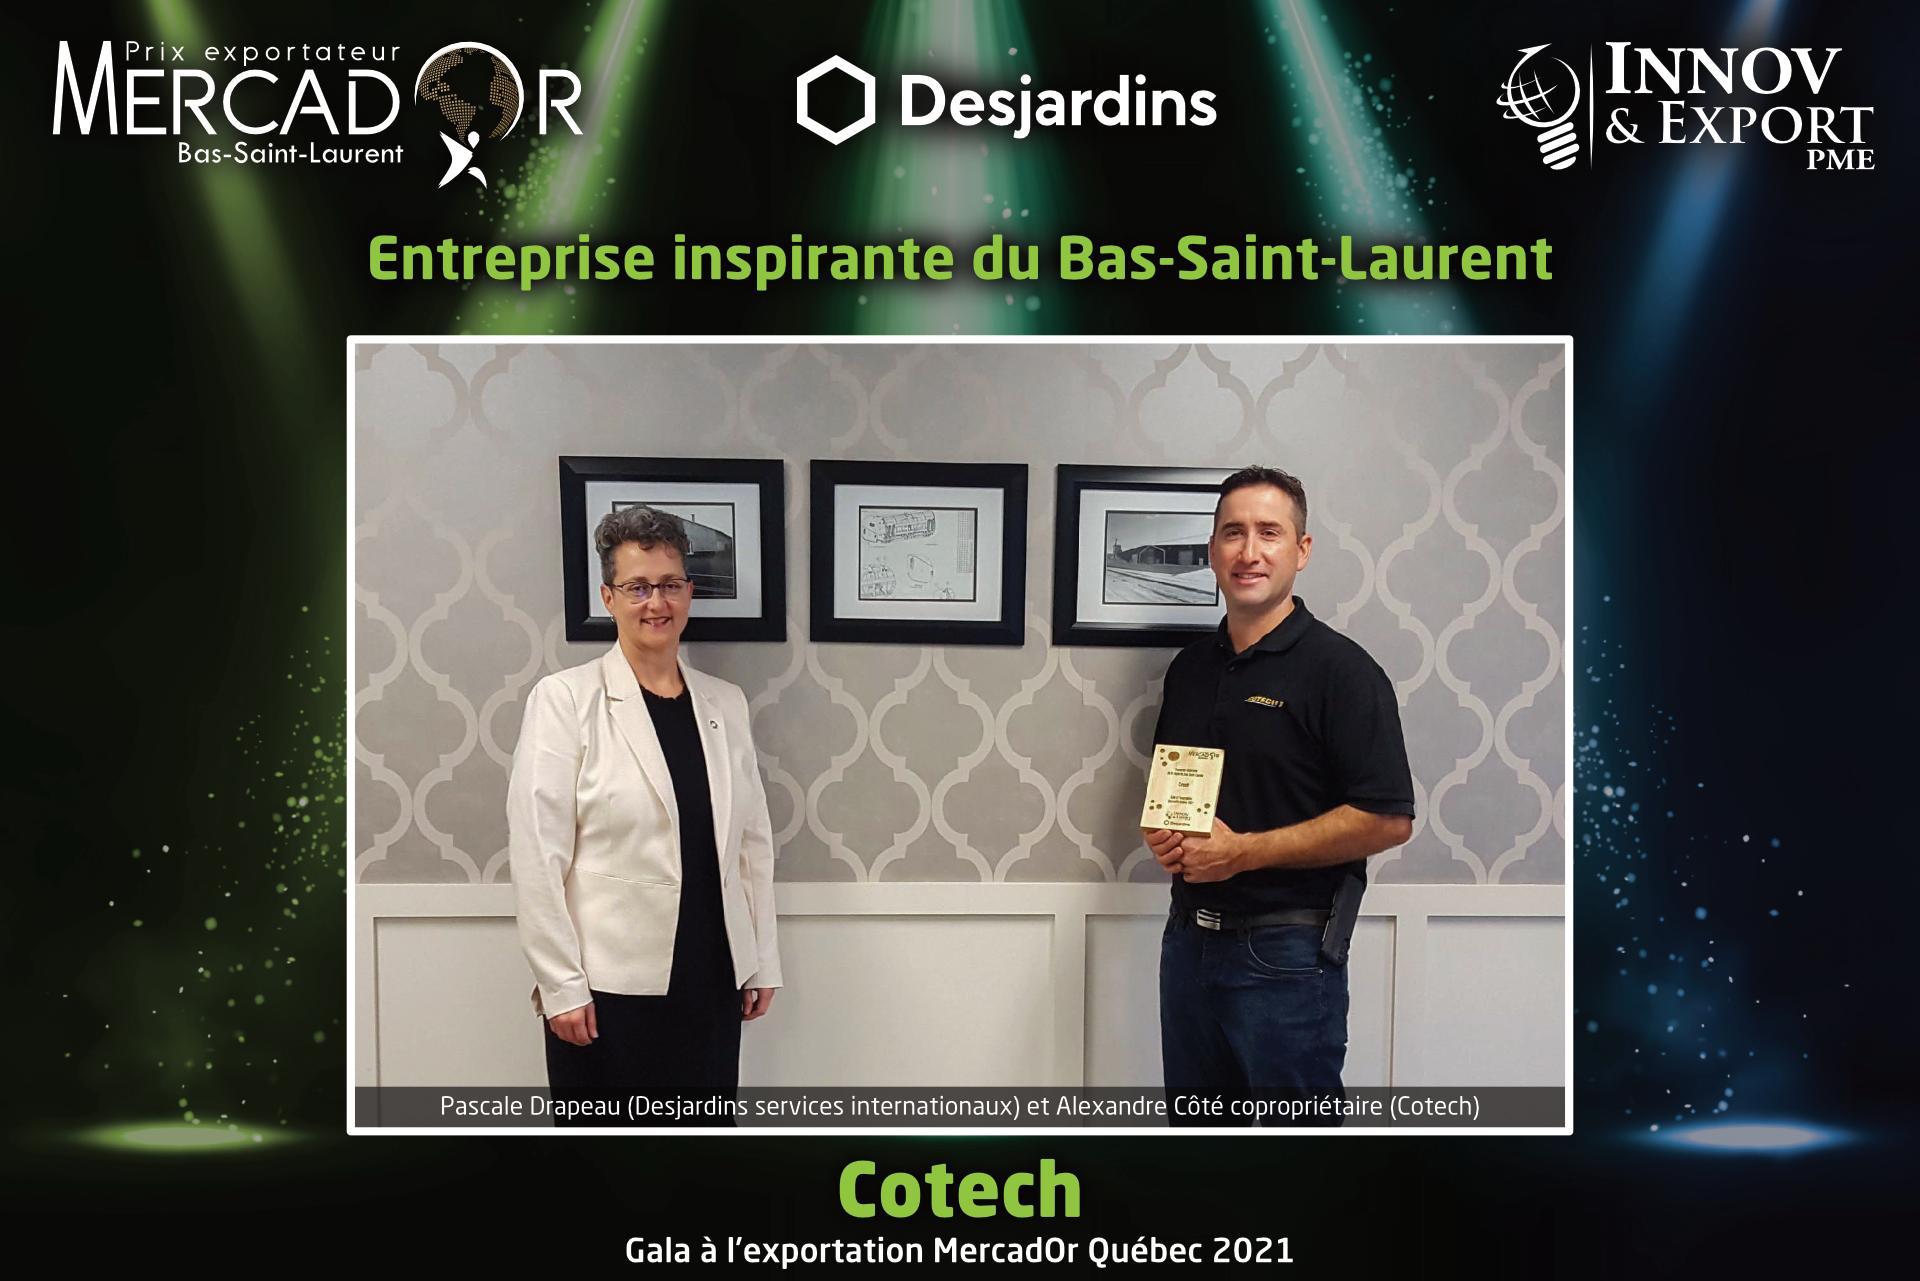 Cotech, entreprise inspirante du MercadOr Québec 2021 région du Bas-Saint-Laurent